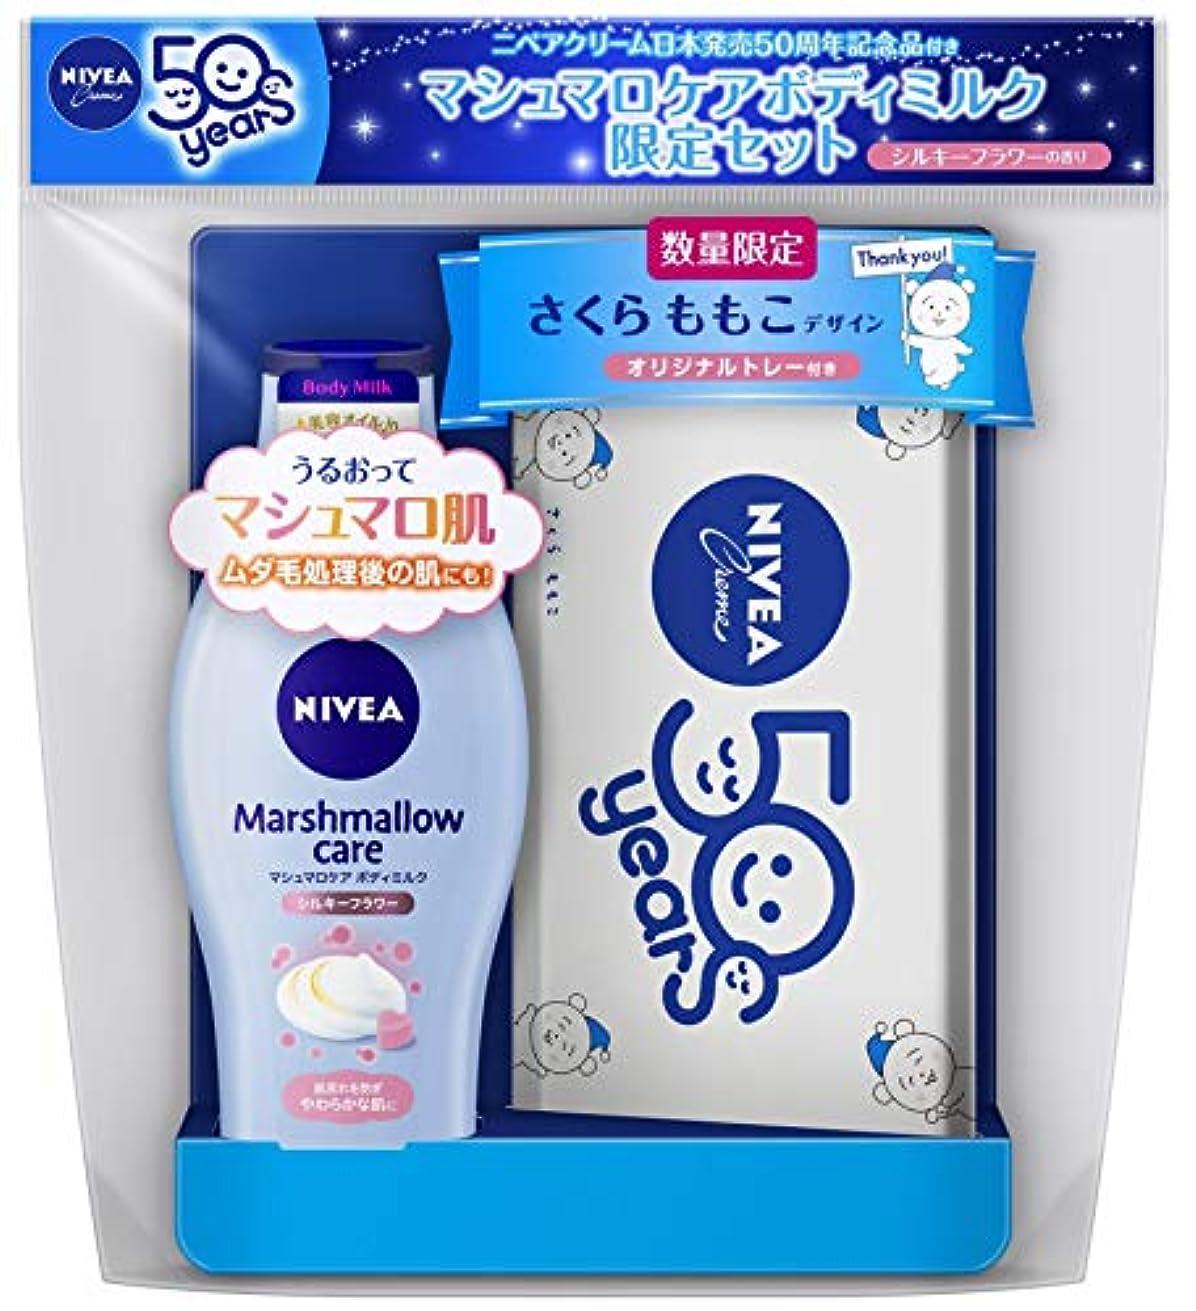 交じるシンボルおかしい【数量限定】ニベア マシュマロケアボディミルク シルキーフラワーの香り+さくらももこデザインオリジナルトレー付き